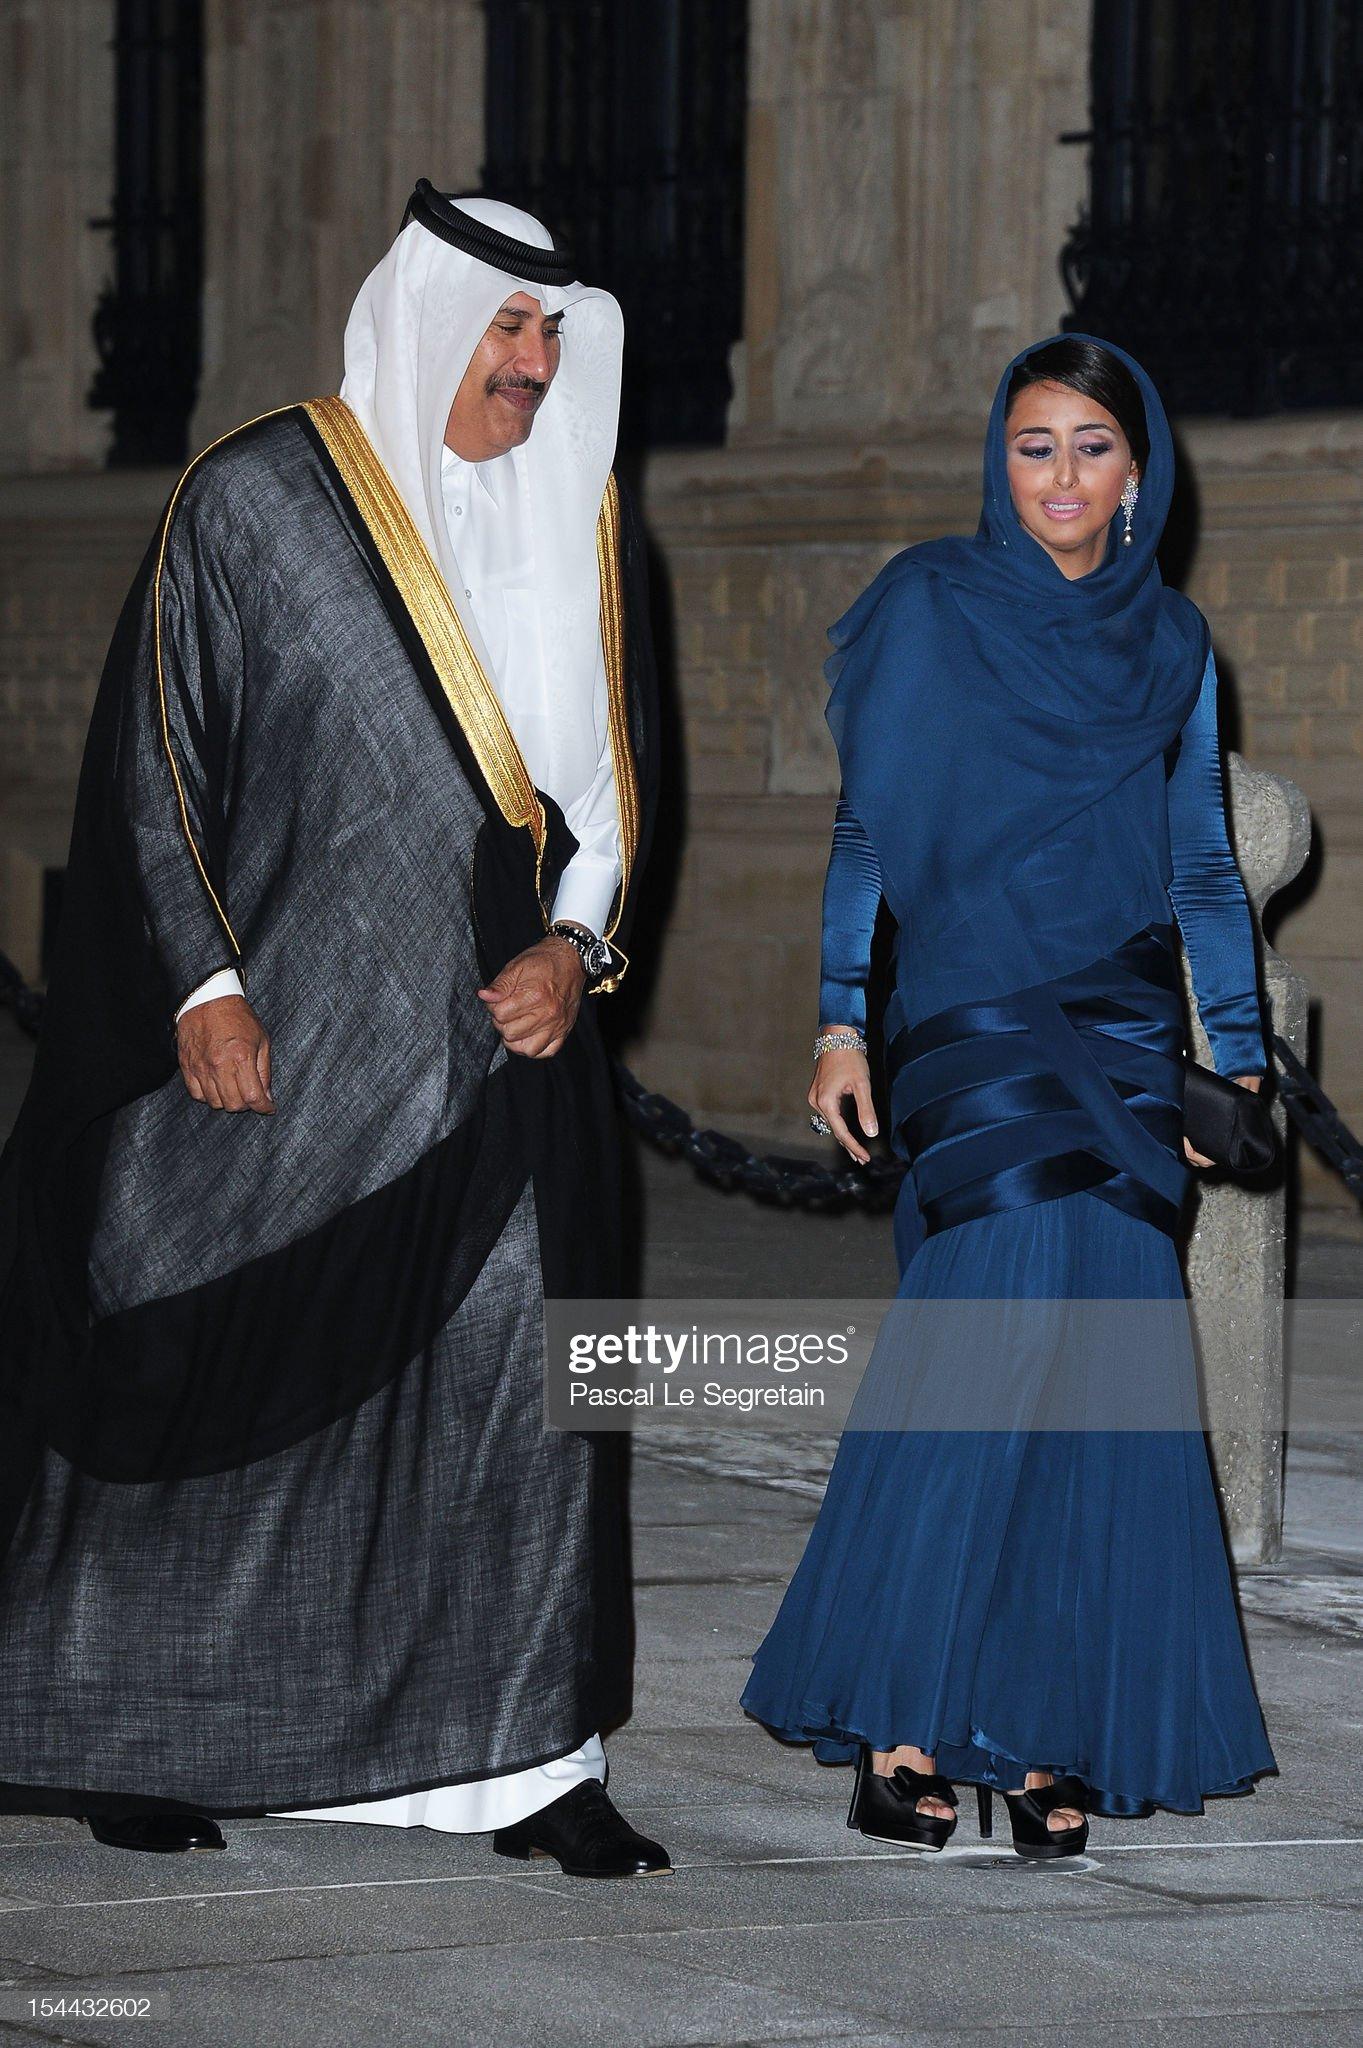 prime-minister-of-qatar-sheikh-hamad-bin-jassim-bin-jaber-al-thani-picture-id154432602